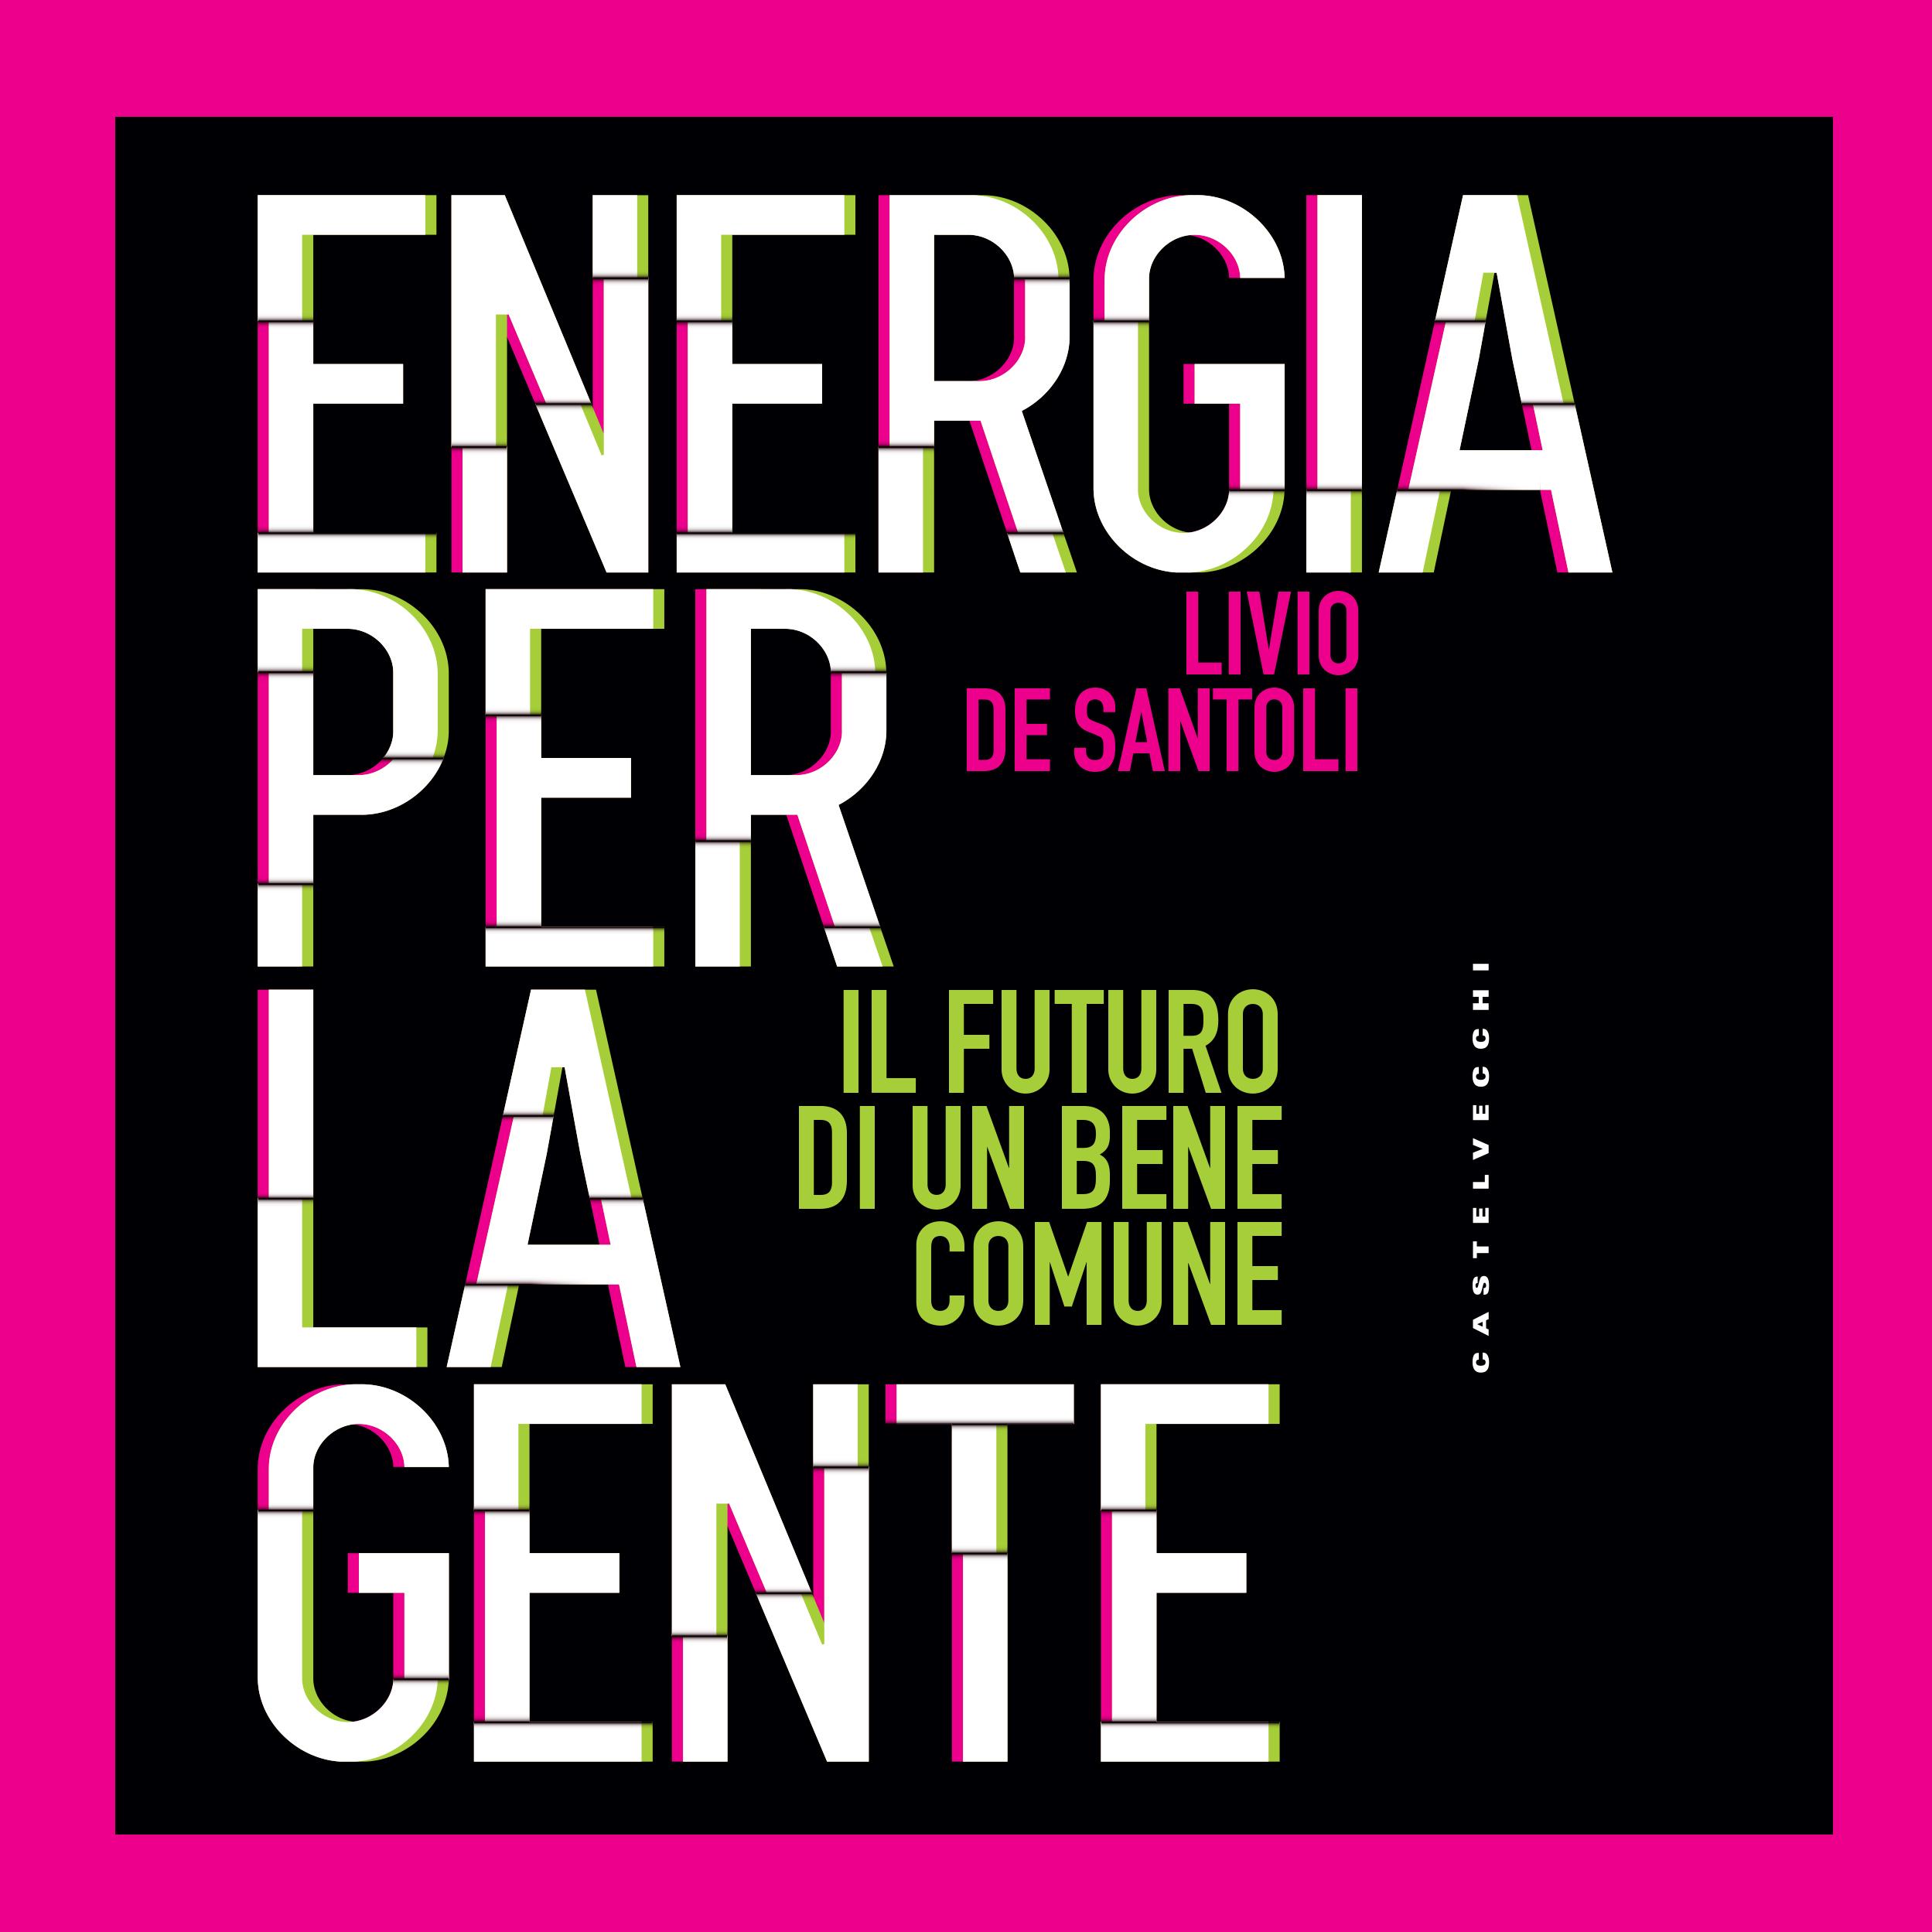 Energia per la gente cover book